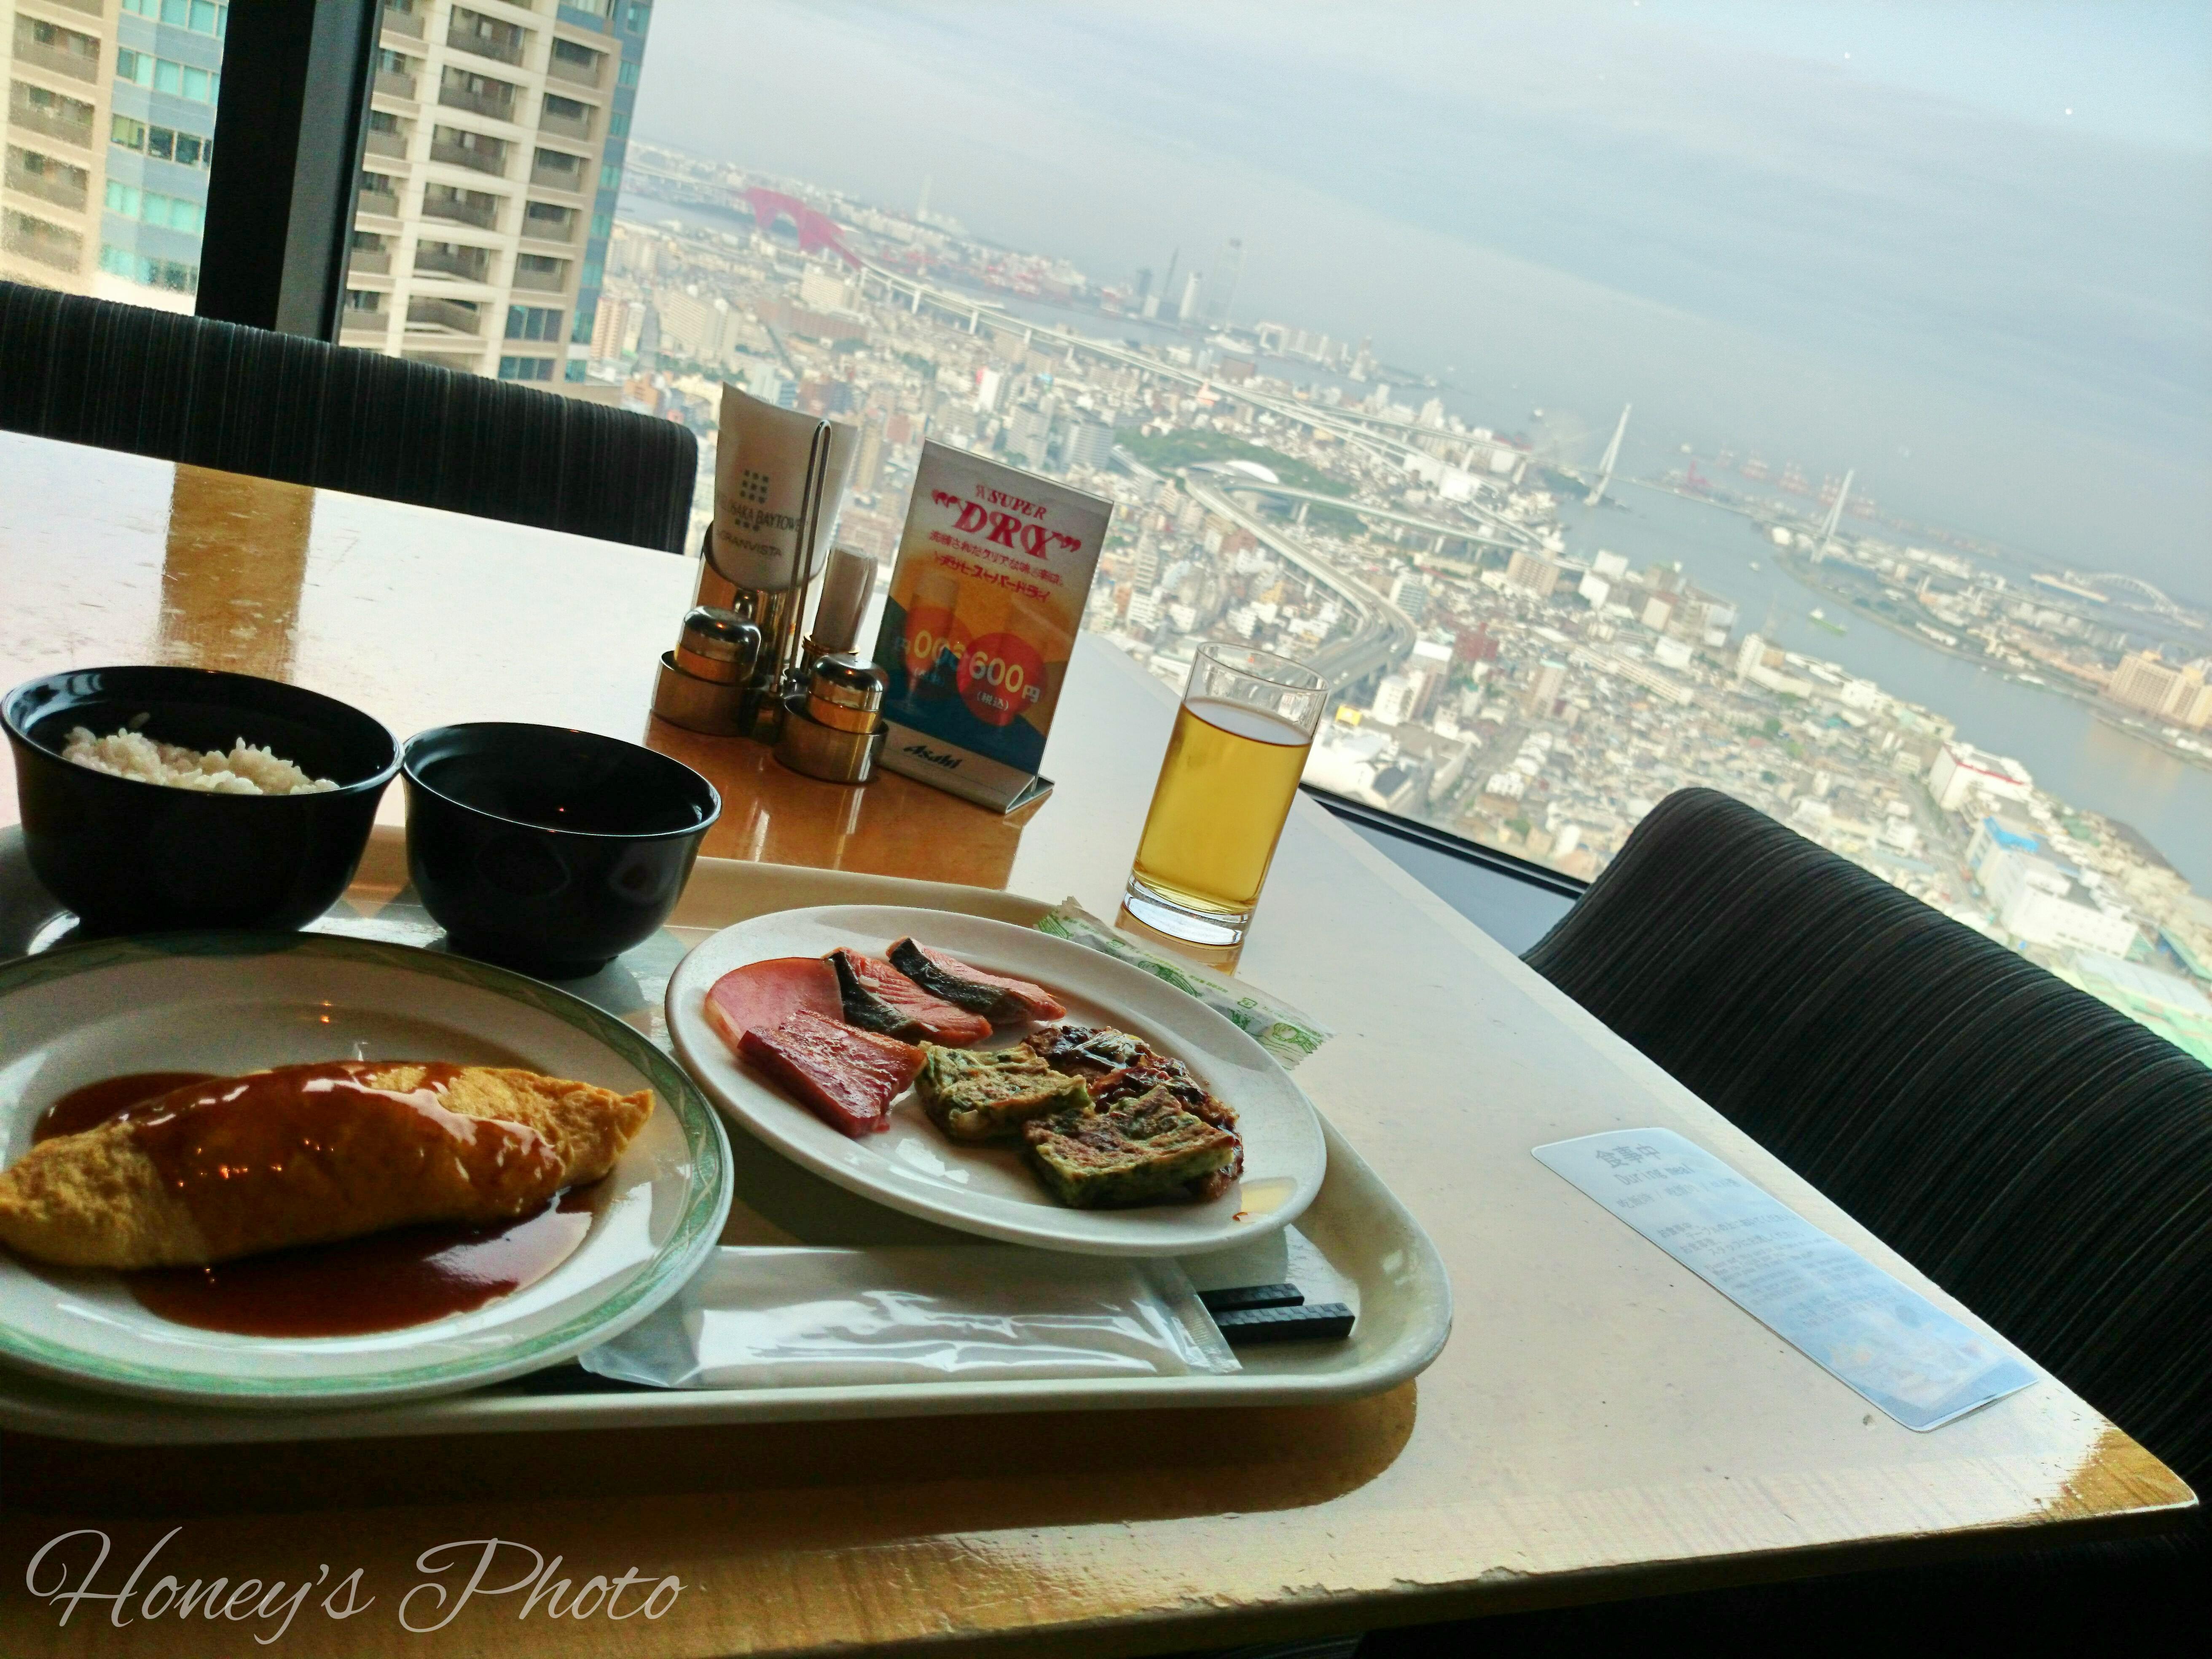 ☆出張の際のホテル選びって何基準ですか?最高の眺めで朝食を!☆